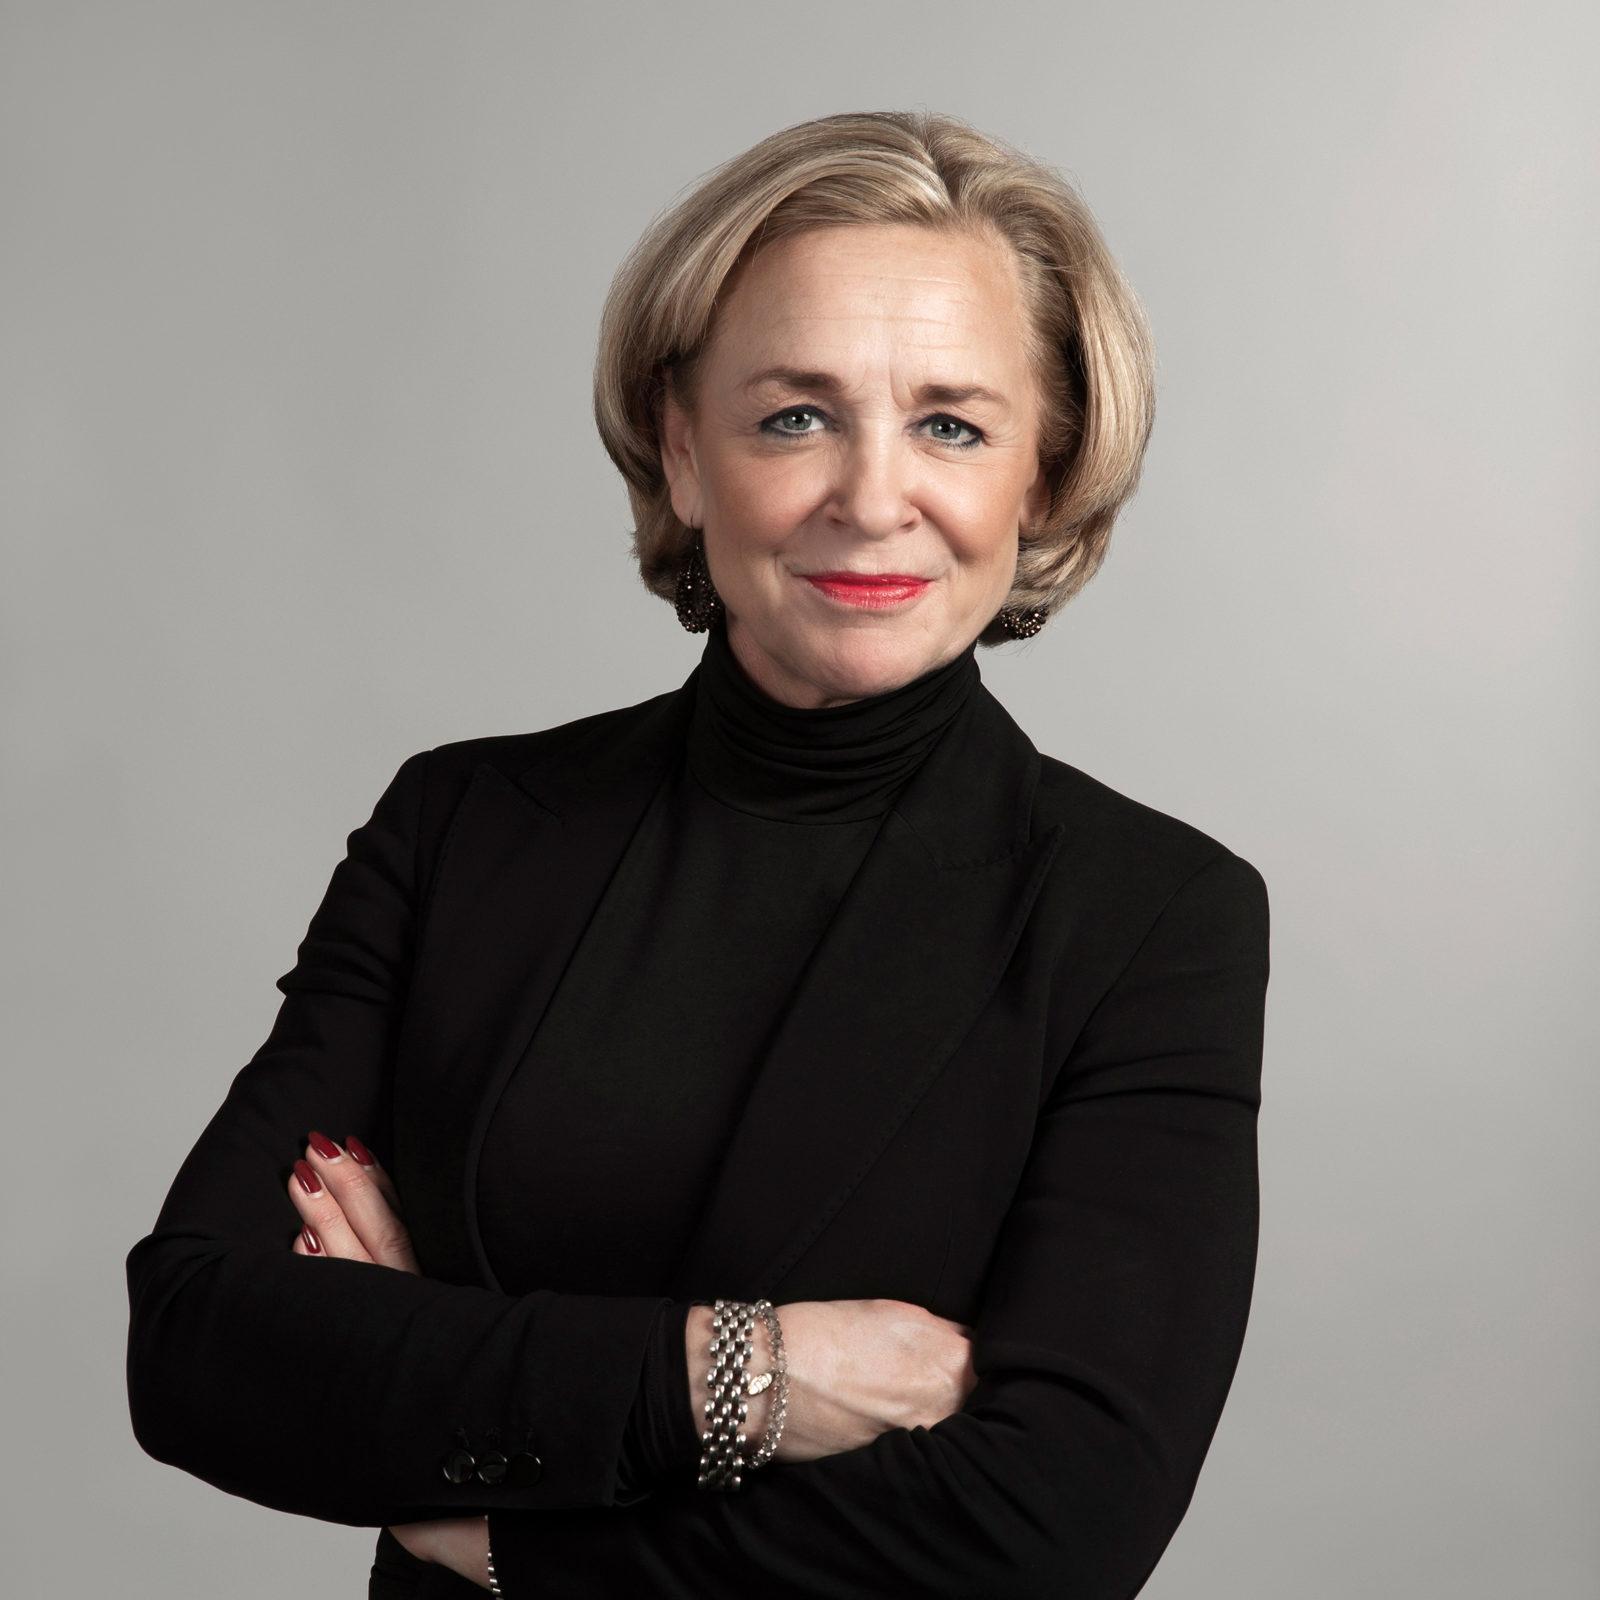 Ellen van de Ridder